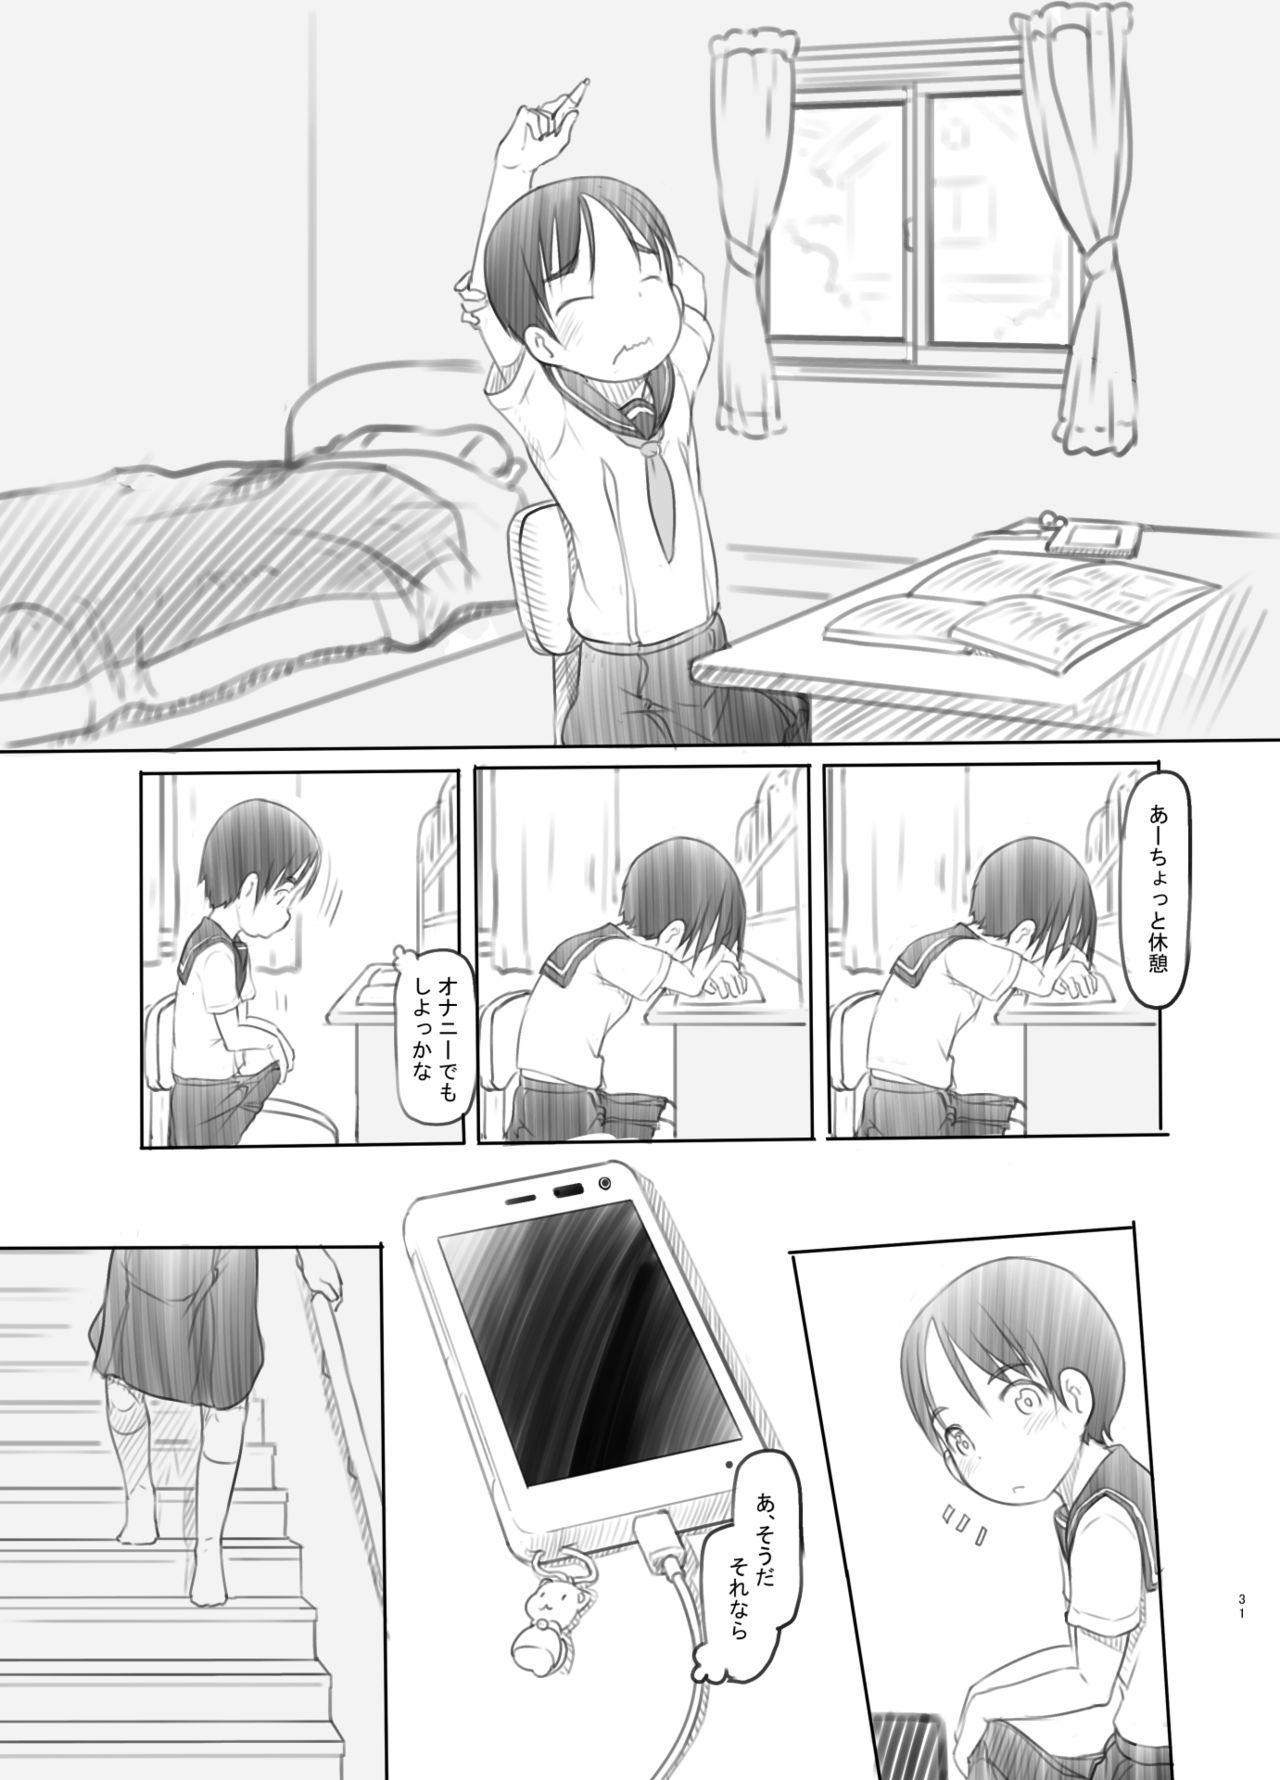 Sei ni Kyoumi ga Detekita Otouto ni Jikan Teishi Appli o Ataete Mita 29